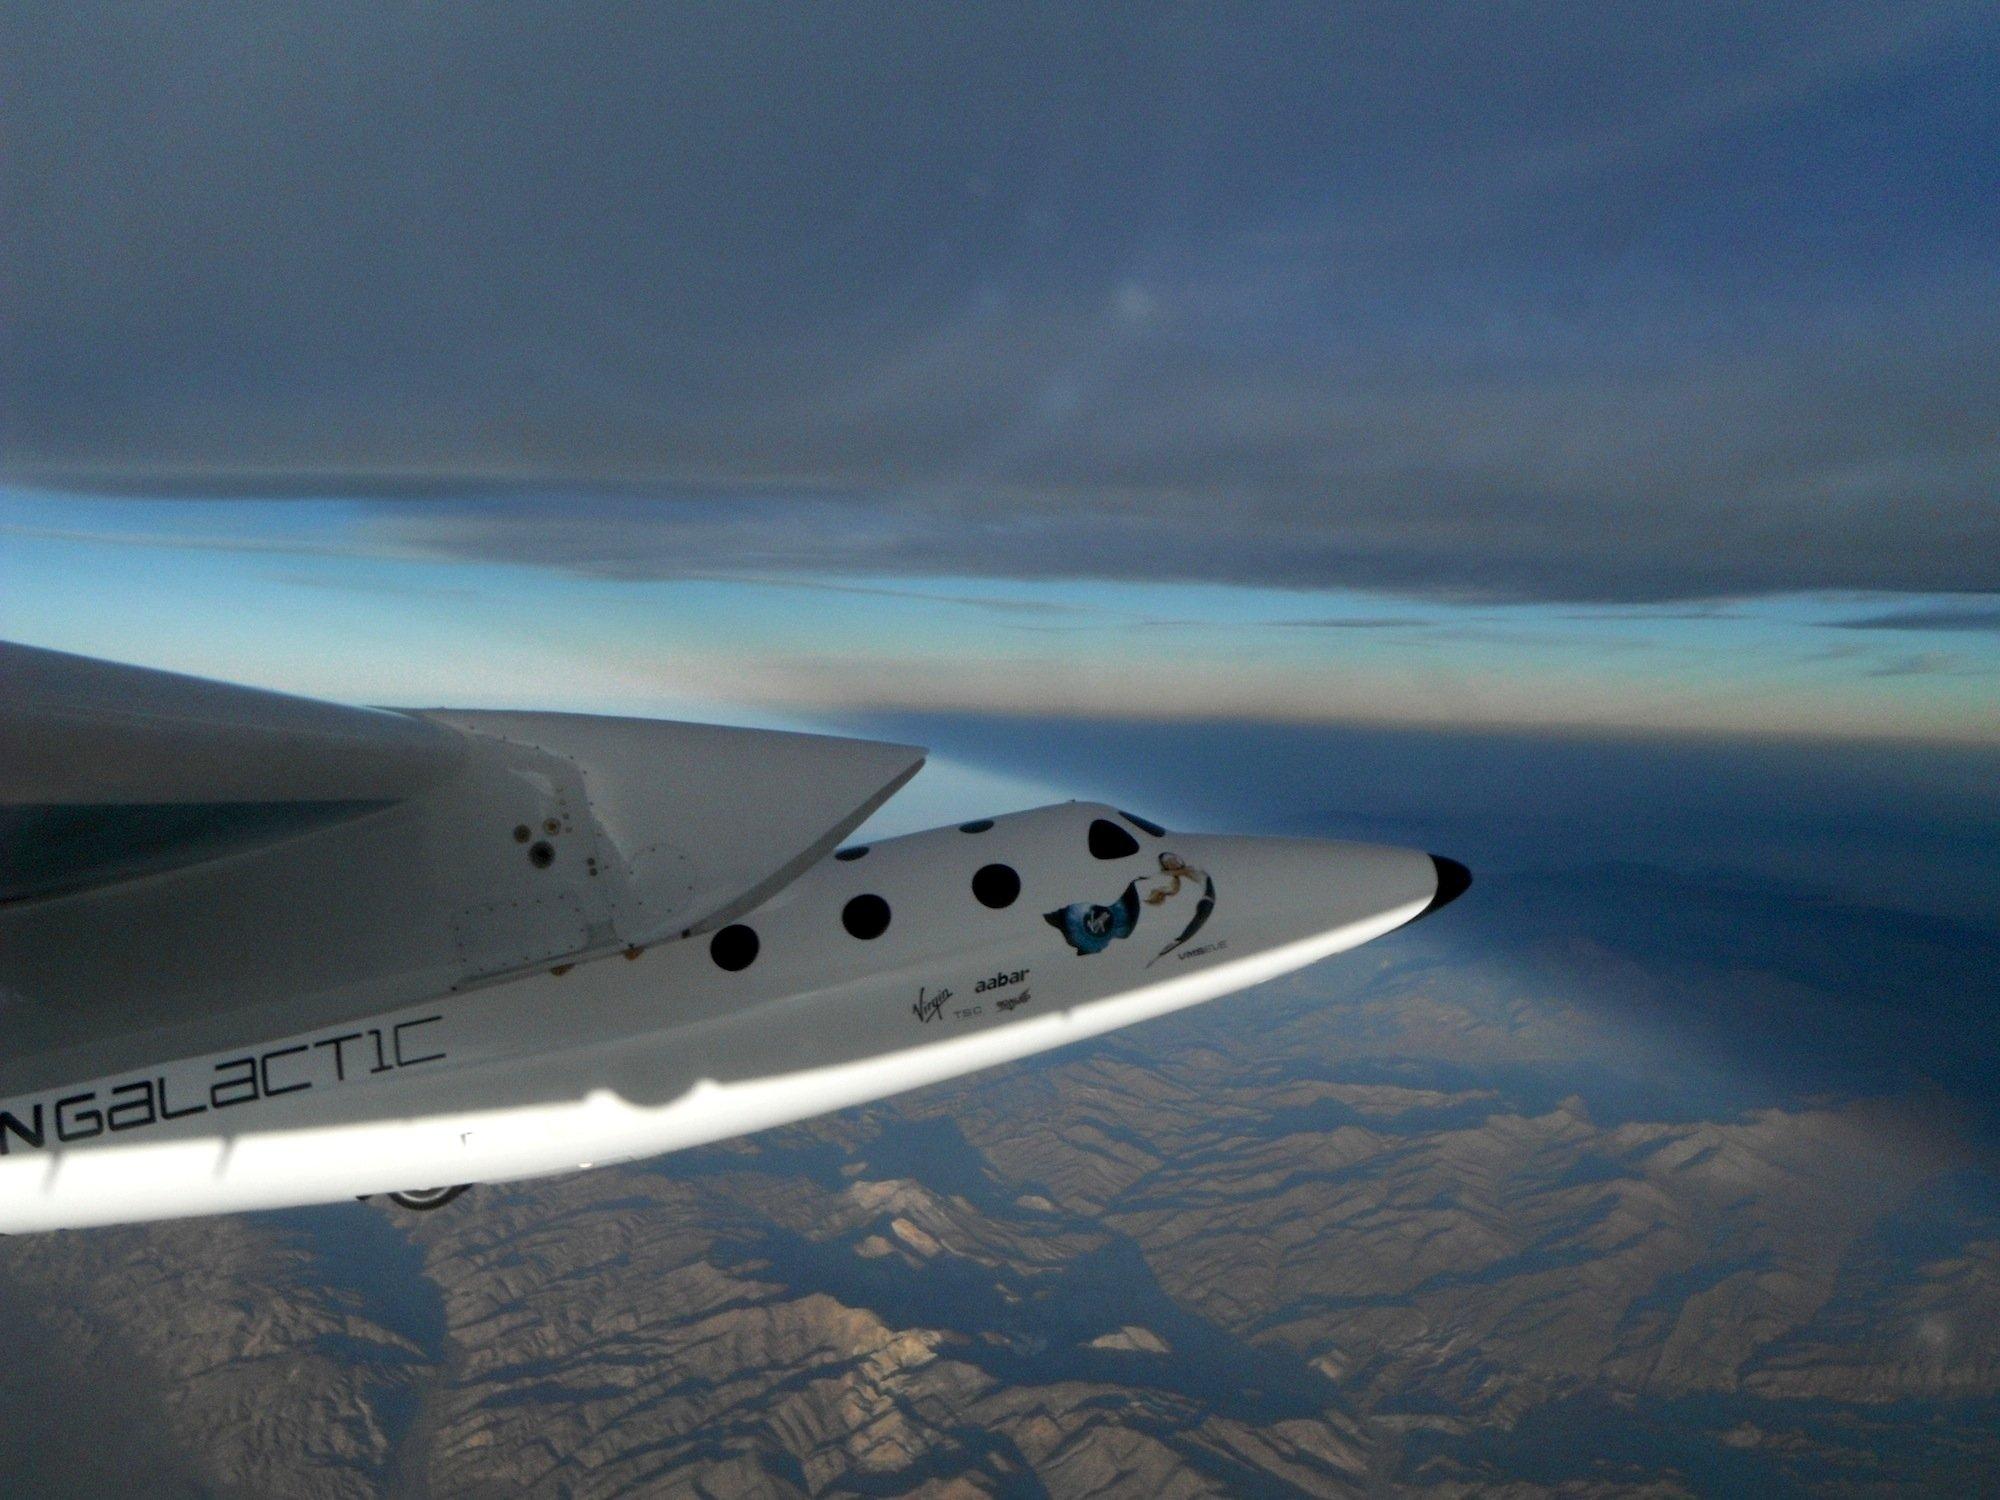 WhiteKnightTwo von Virgin Galacticauf Testflug: Das Trägerflugzeug bringt das SpaceShipTwo bis in 16 Kilometern Höhe.